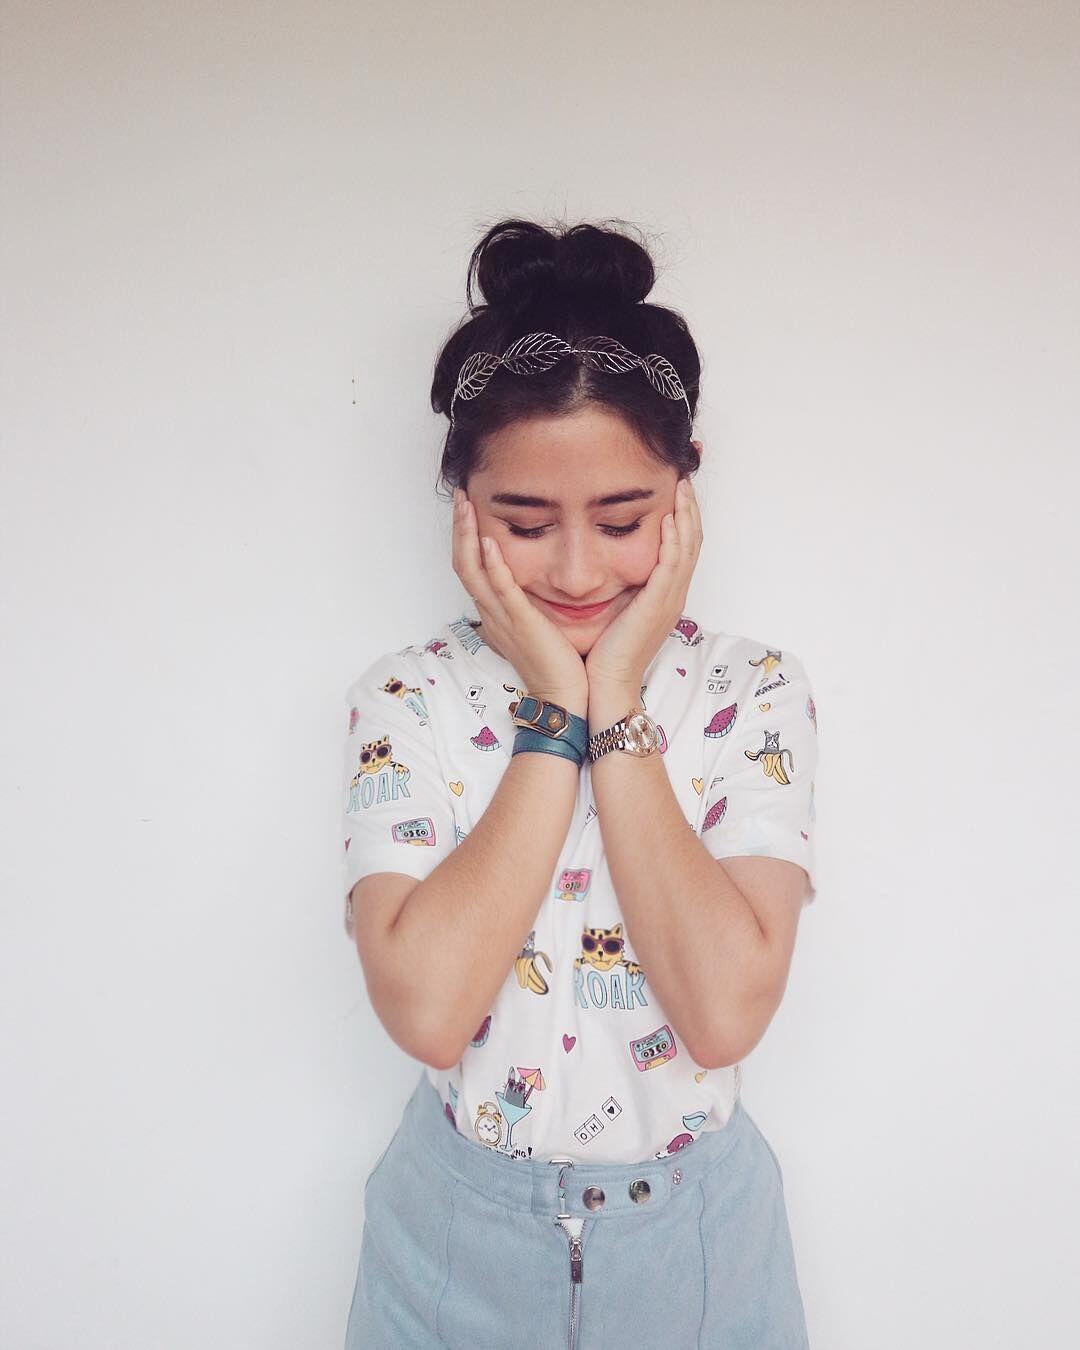 8 Manfaat Paling Ajaib dari Kopi, Bisa Cegah Penyakit Kronis Juga Lho!